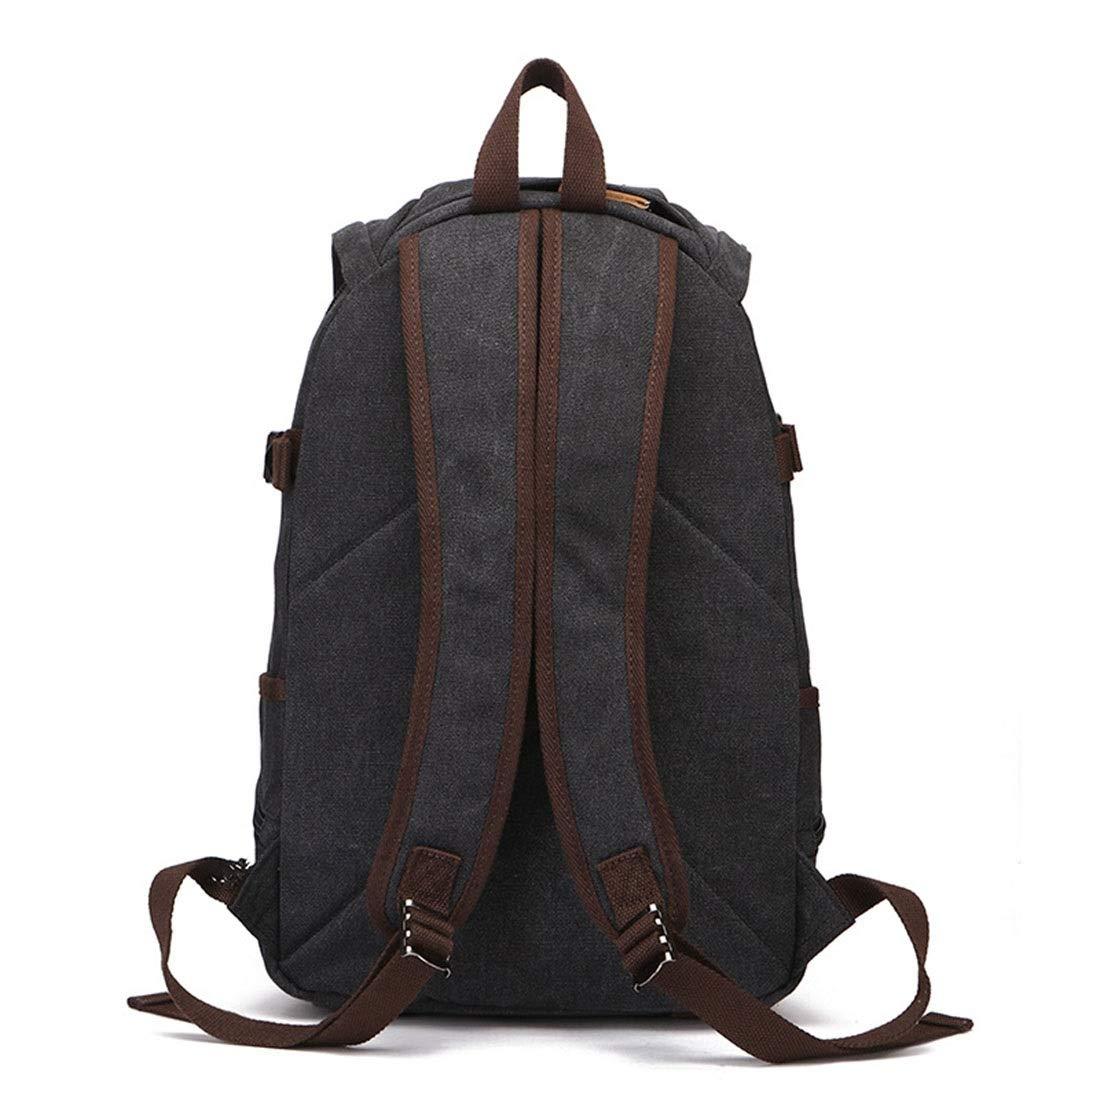 Ryggsäck män/kvinnor ryggsäck dagväska vattentät vintage dragkedja kanvas skola laptop väska utomhus vandring män ryggsäck (färg: svart) Svart